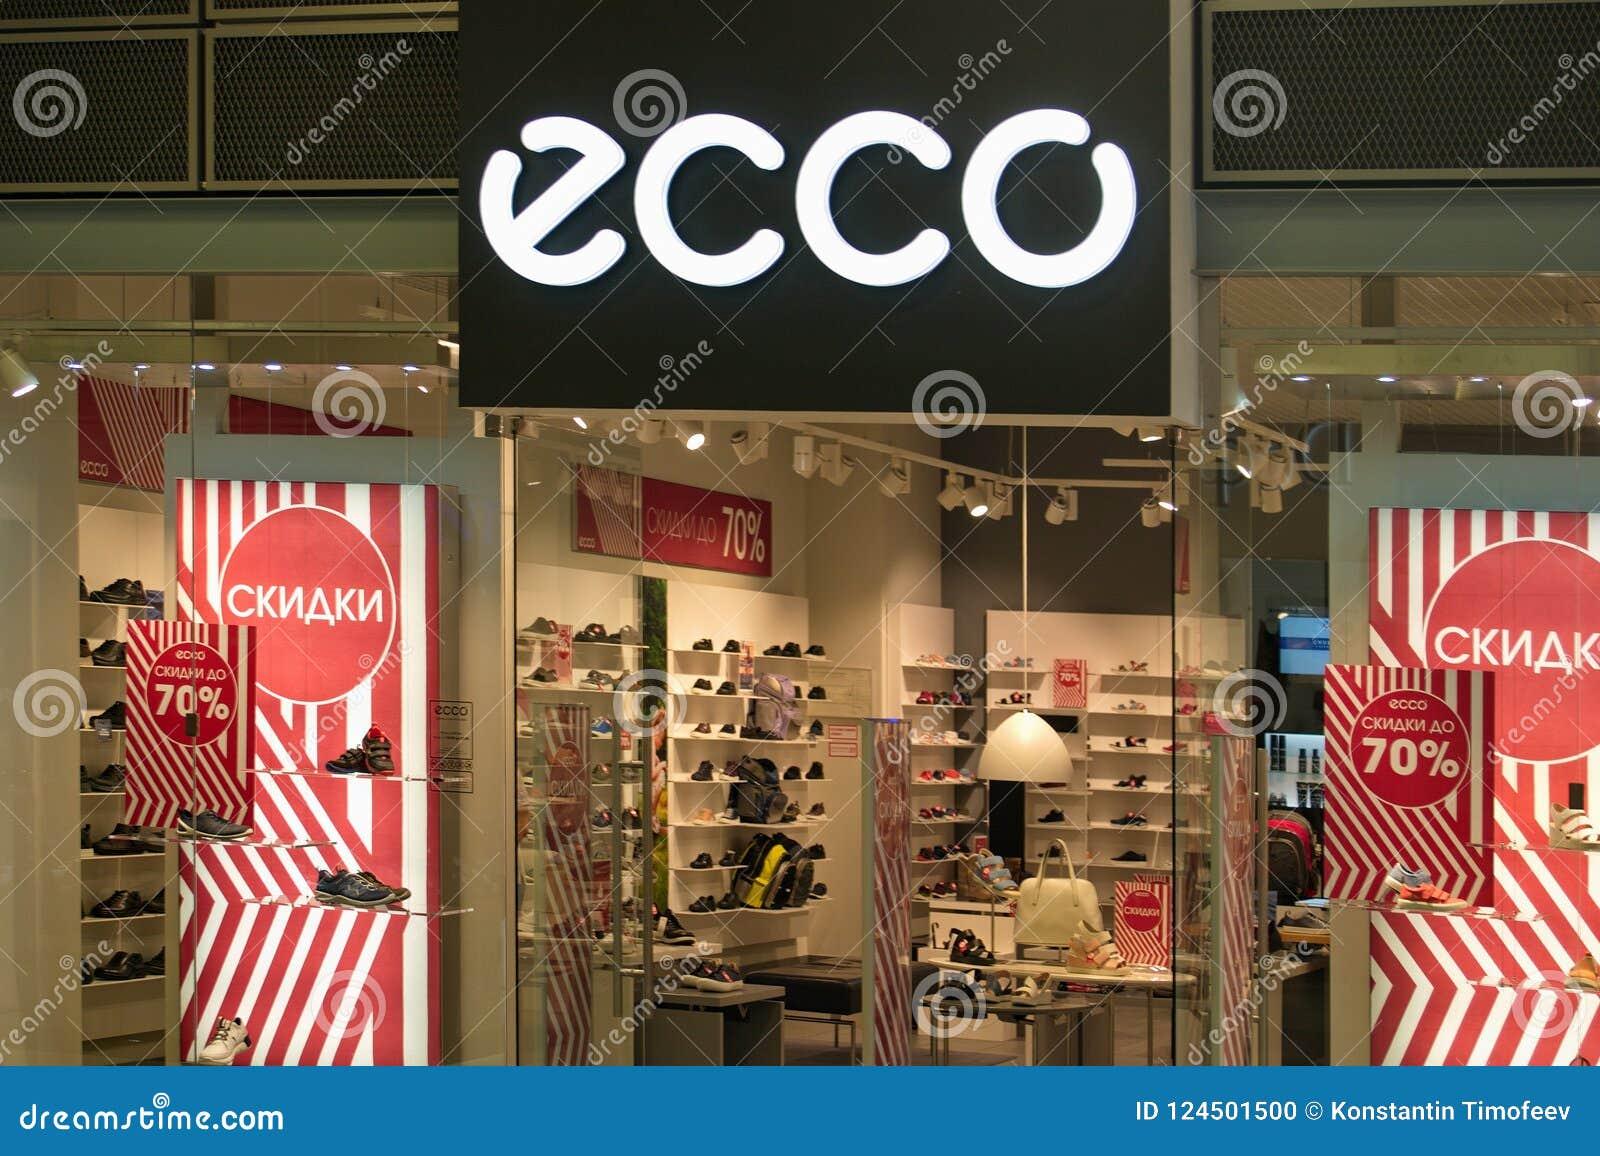 ecco shoe shops